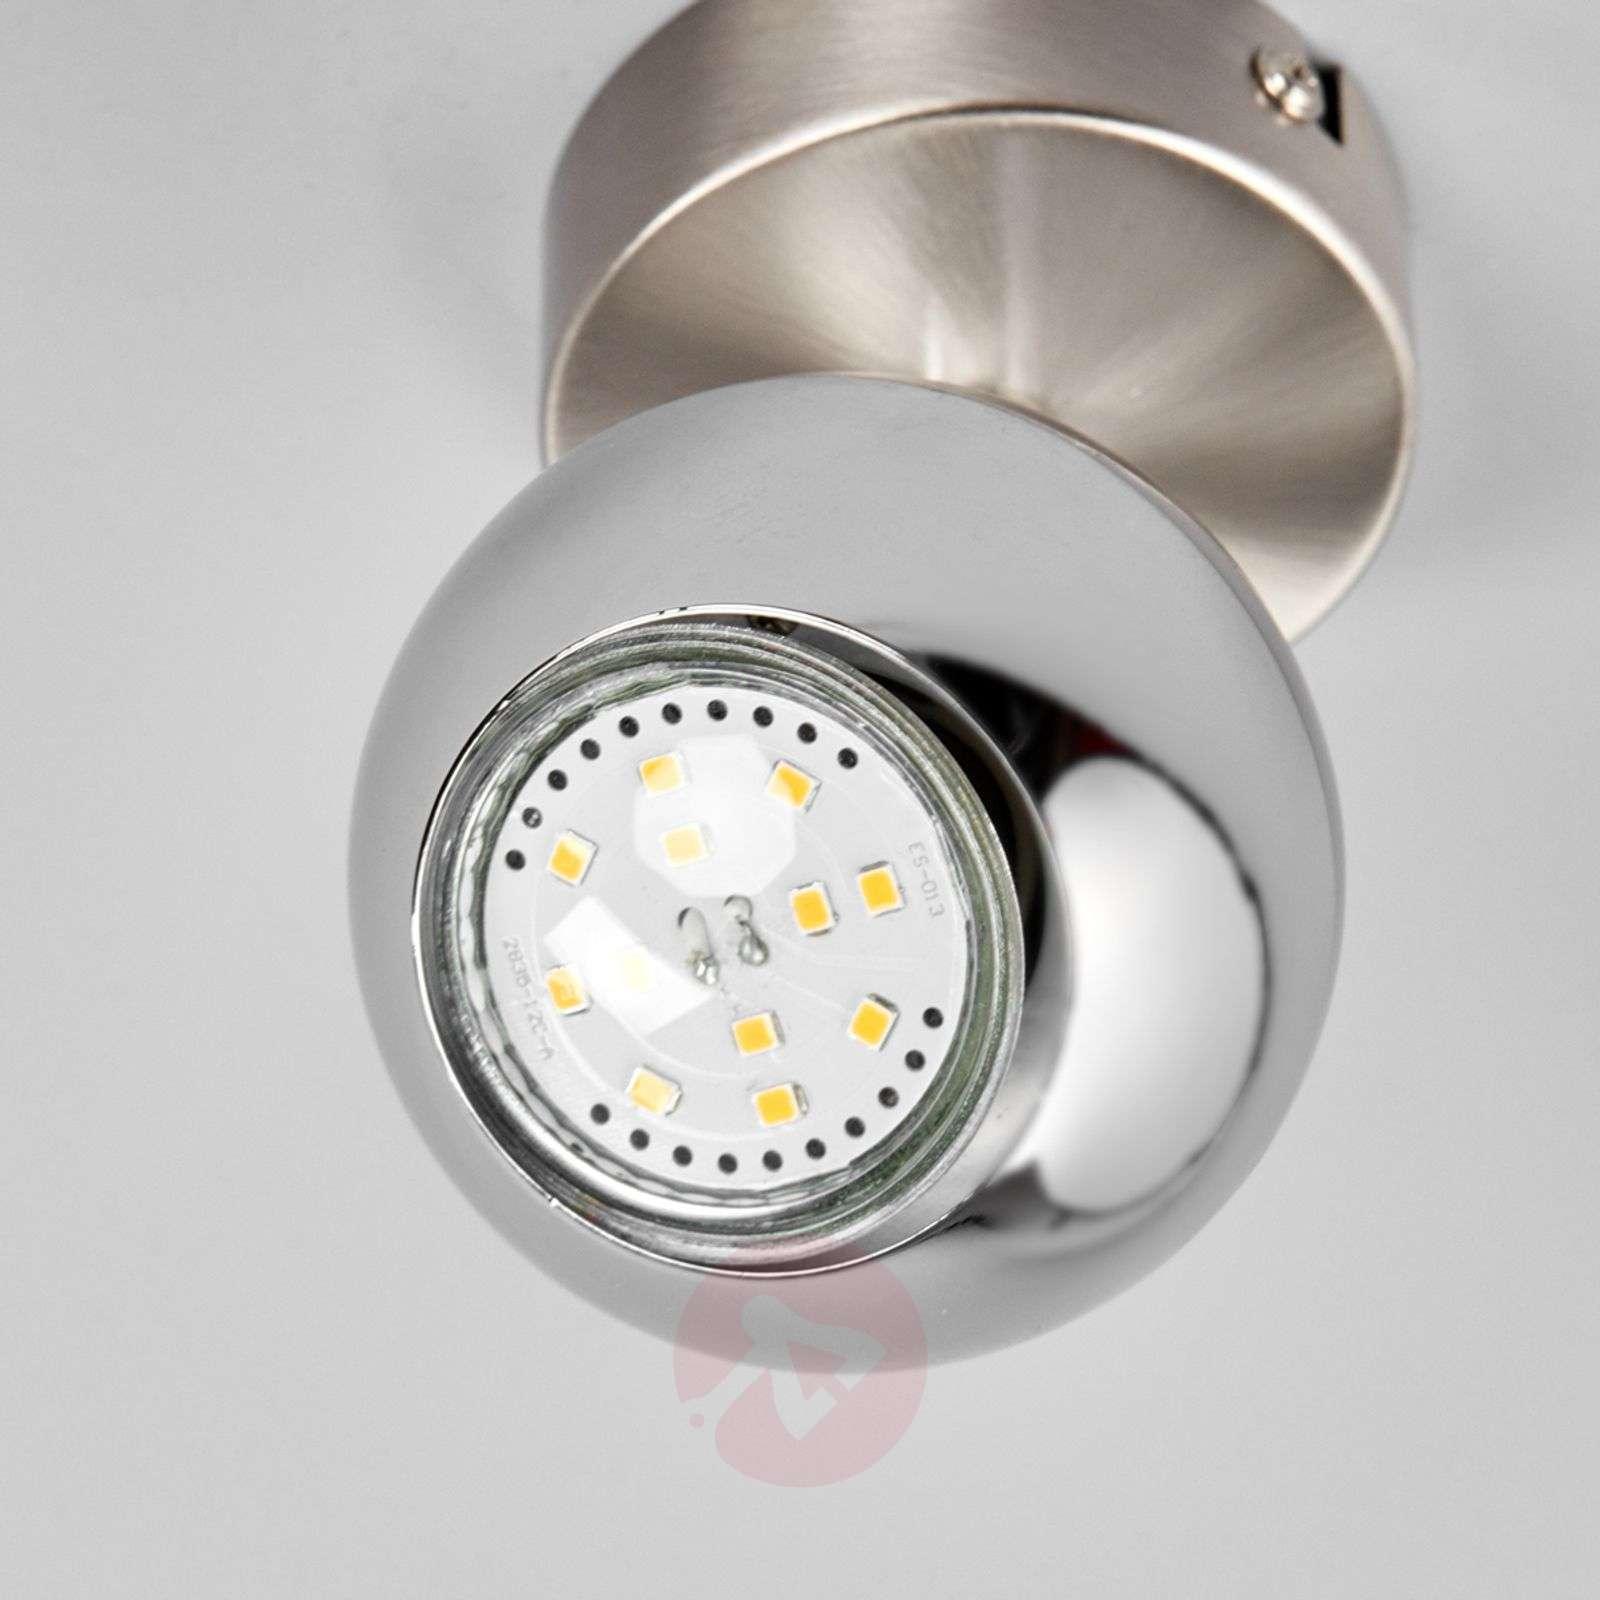 GU10-valaisin Arvion LED-lampuilla-9970111-03